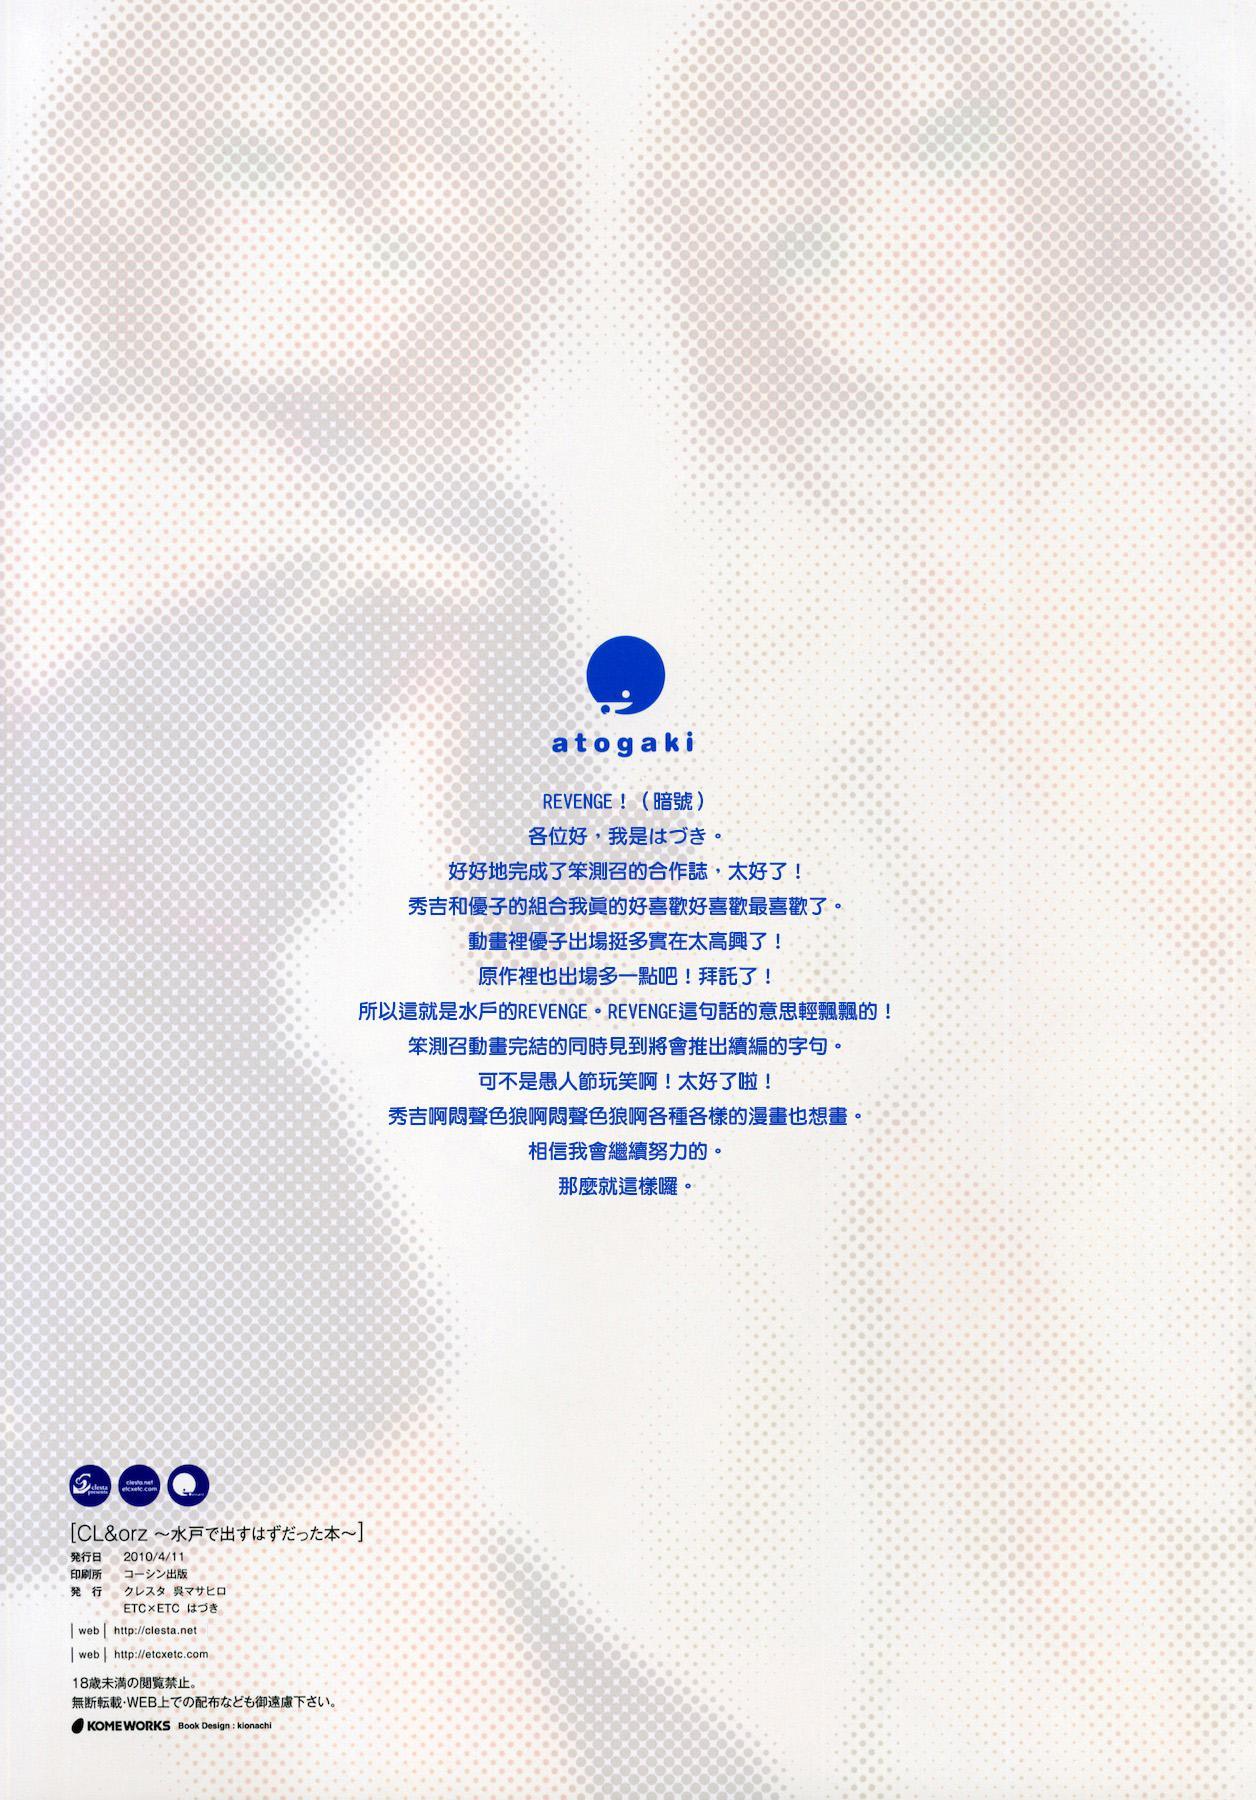 CL&etc 01 ~Mito de Dasu hazudatta Hon~ 16